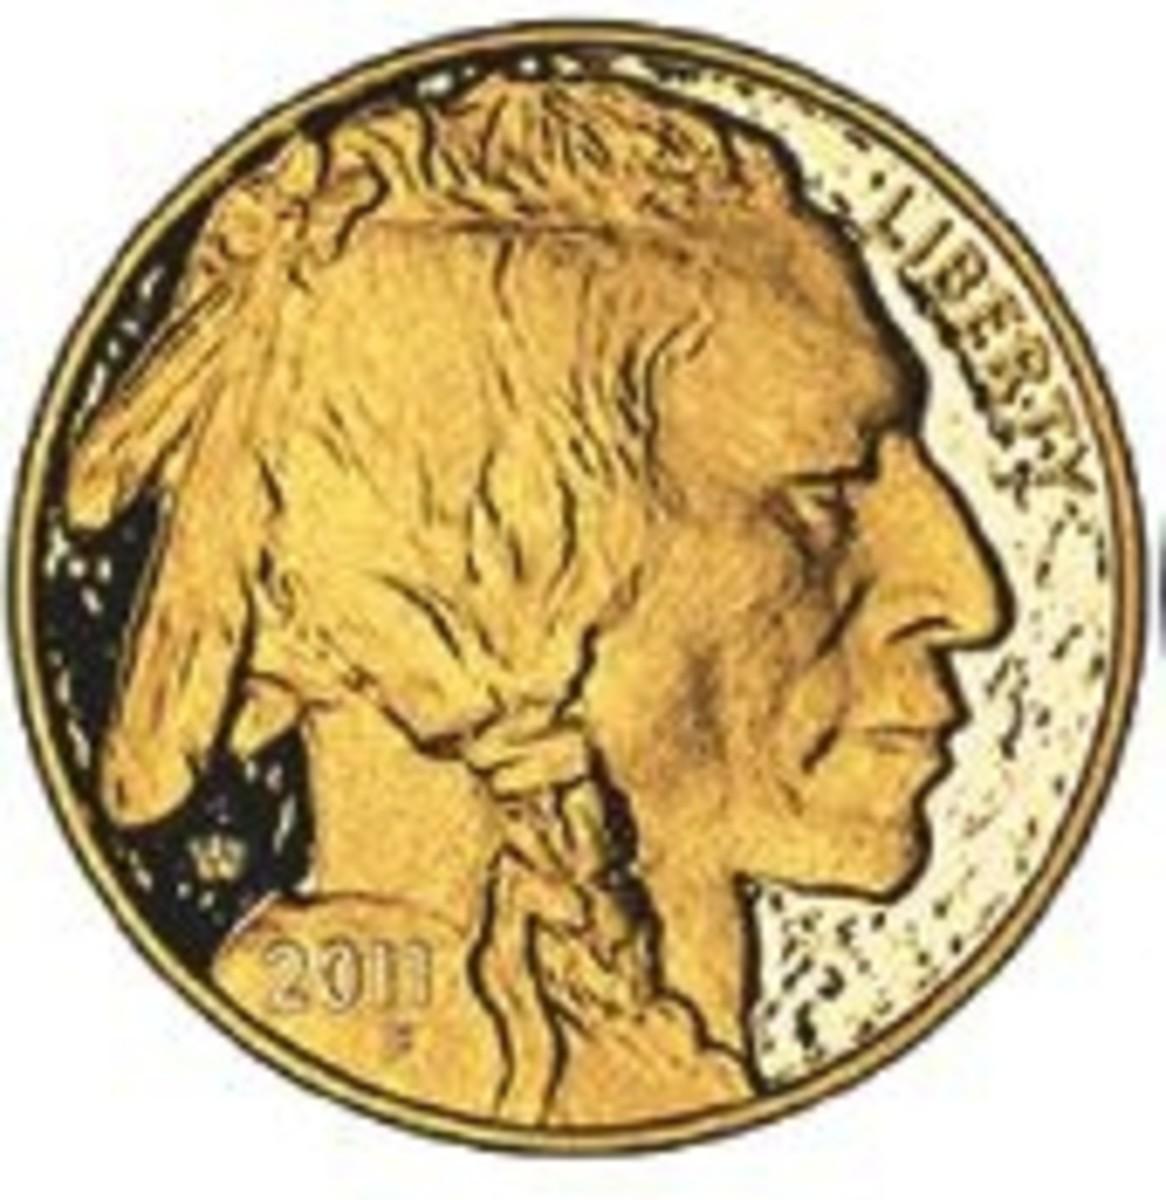 2011 Gold Buffalo coin